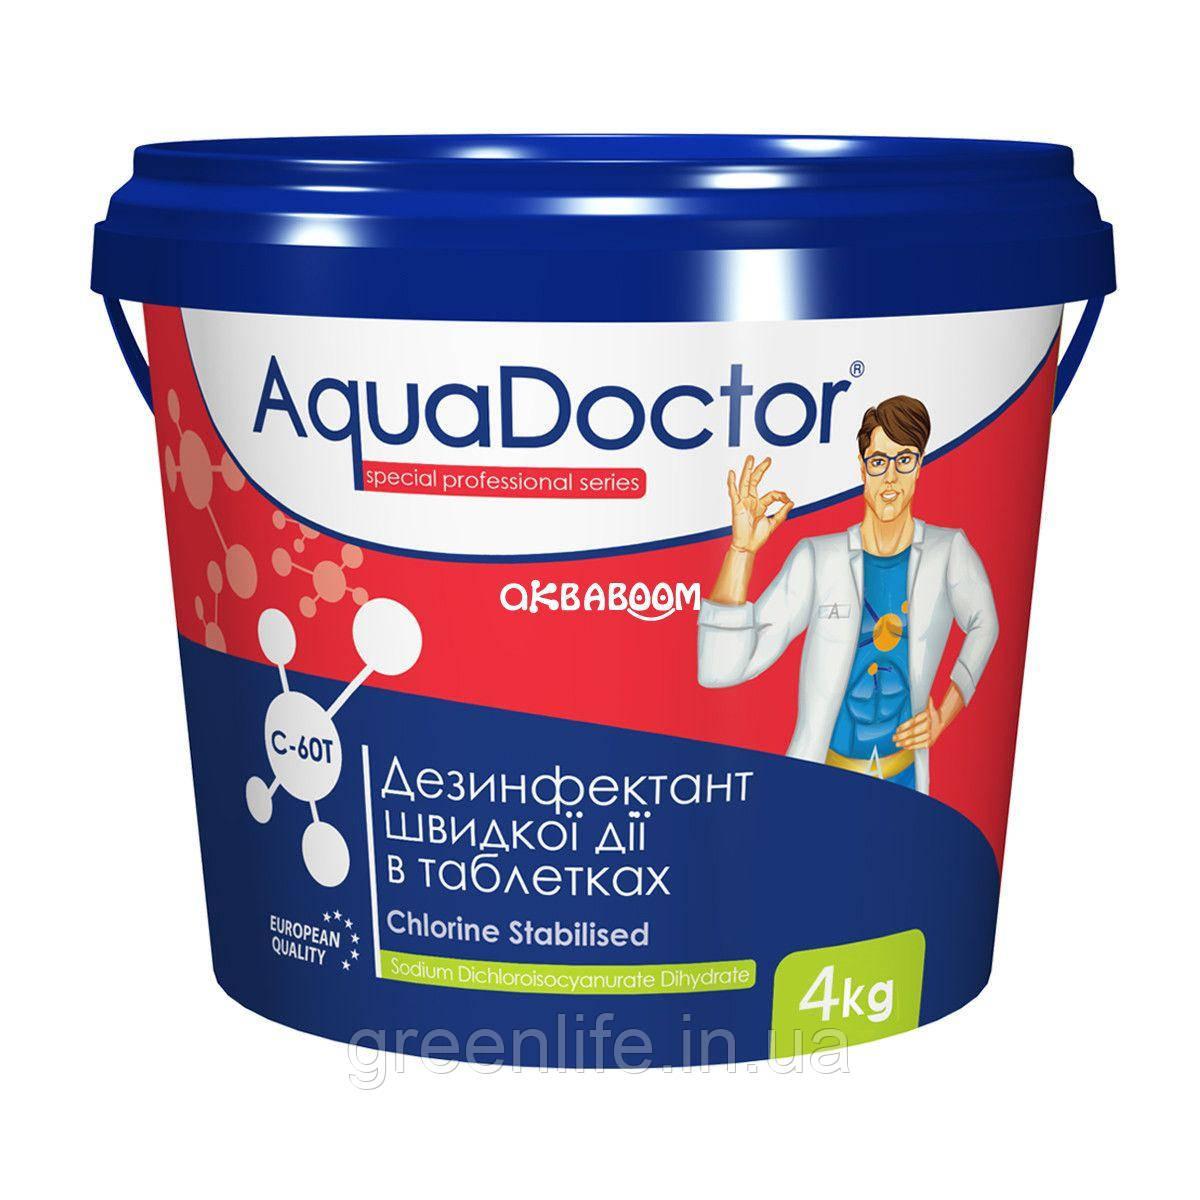 Шоковый хлор в таблетках Aquadoctor C60Т (4 кг) Аквадоктор, в таблетках, 4 кг